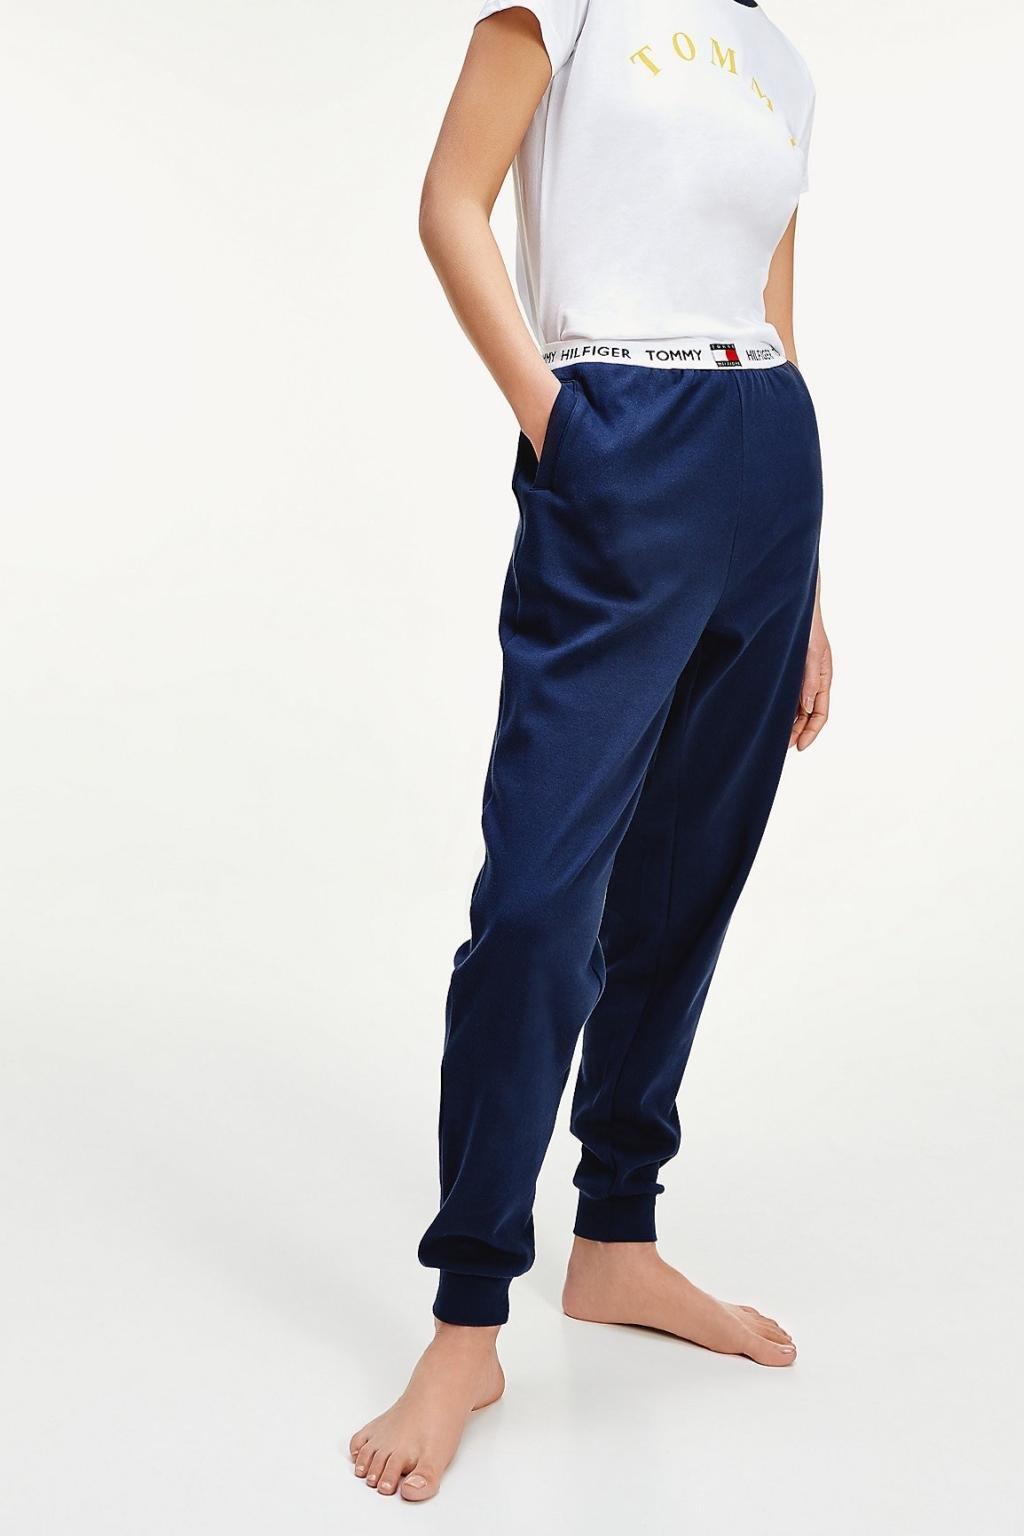 Tommy Hilfiger tepláky z organické bavlny dámské - modré